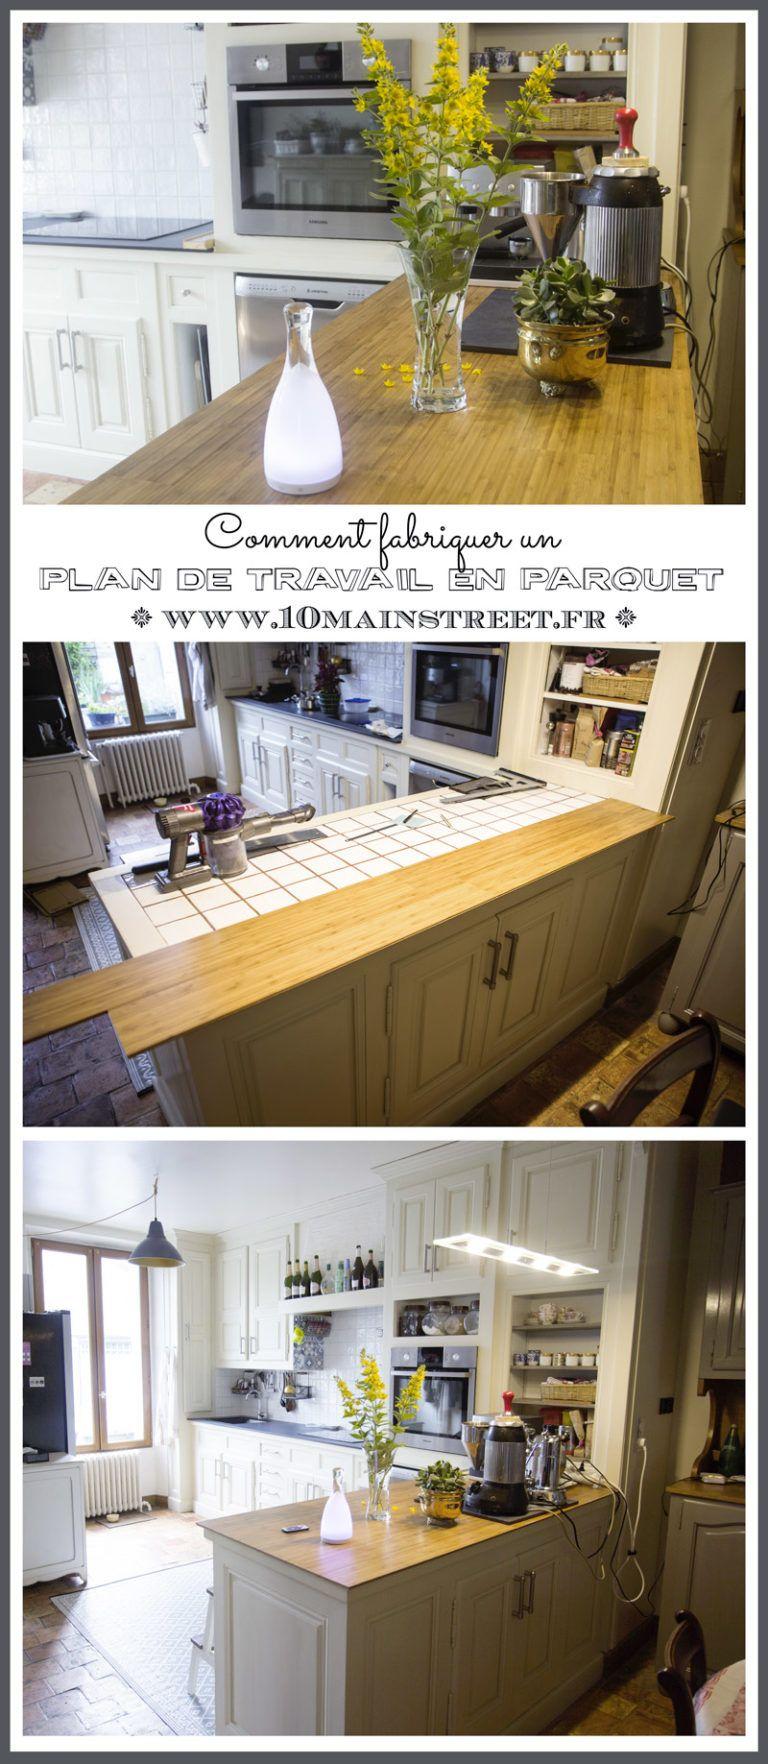 Cuisine phase 3.2 : un plan de travail en parquet bambou | Pinterest ...